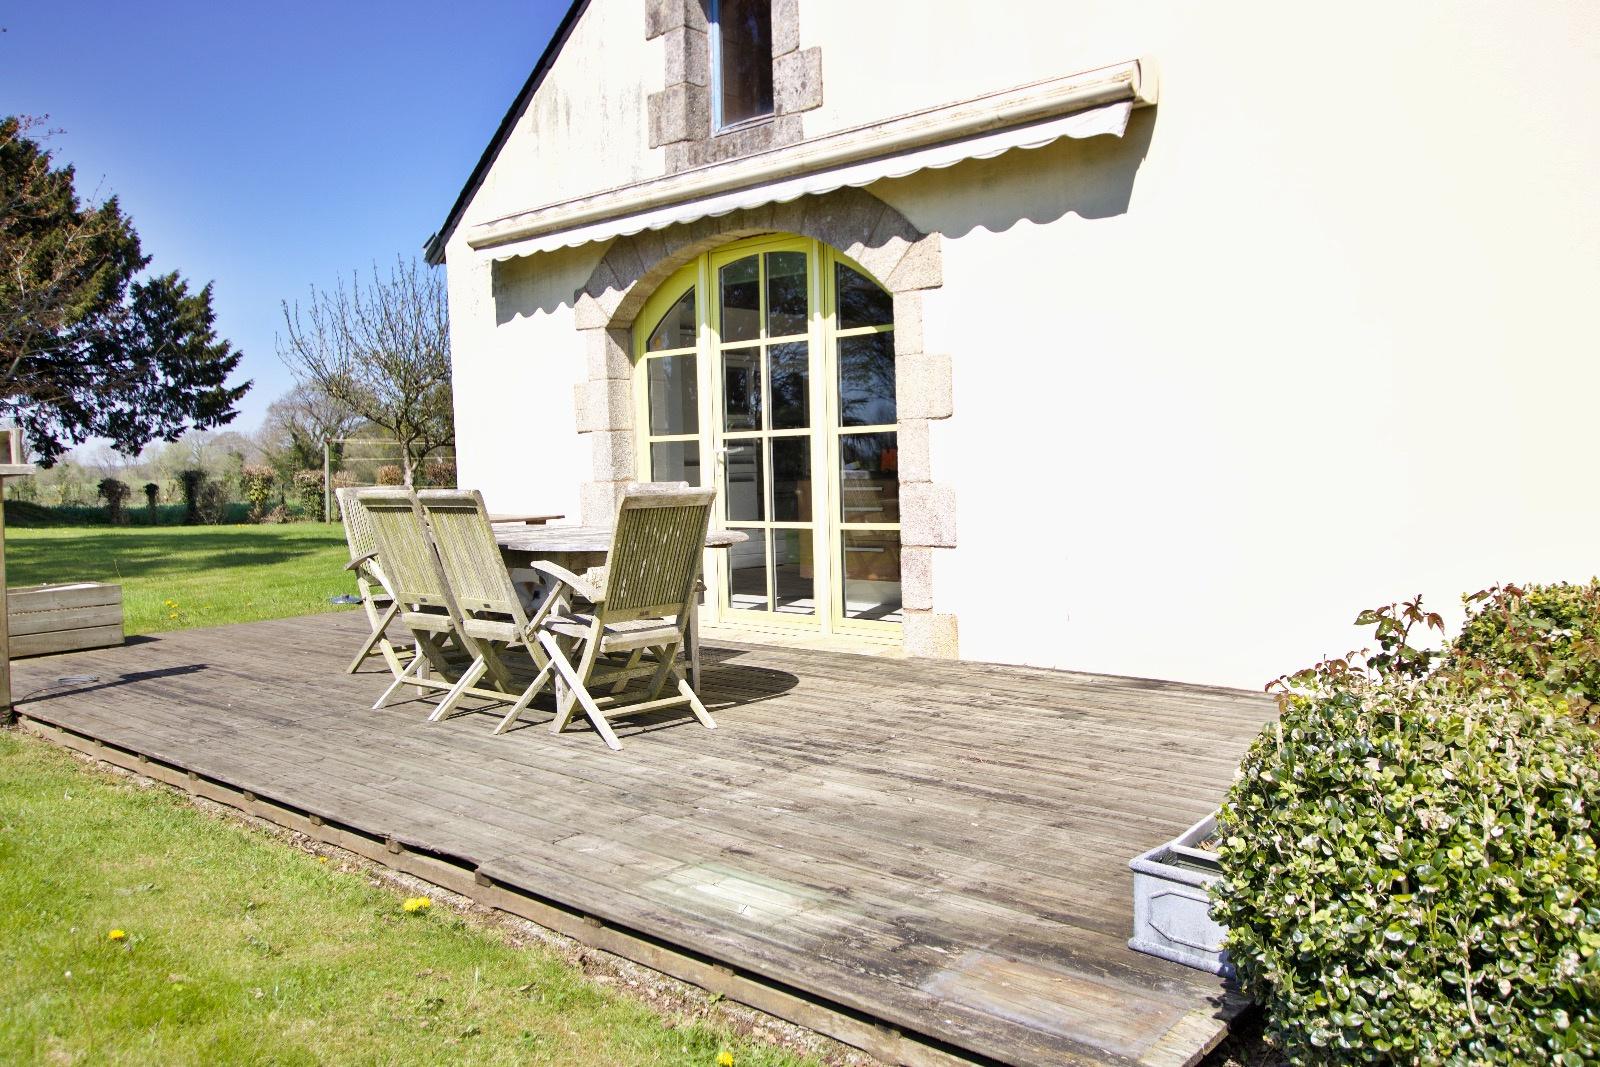 Terrasse donnant sur la cuisine de la maison d'habitation coté ouest